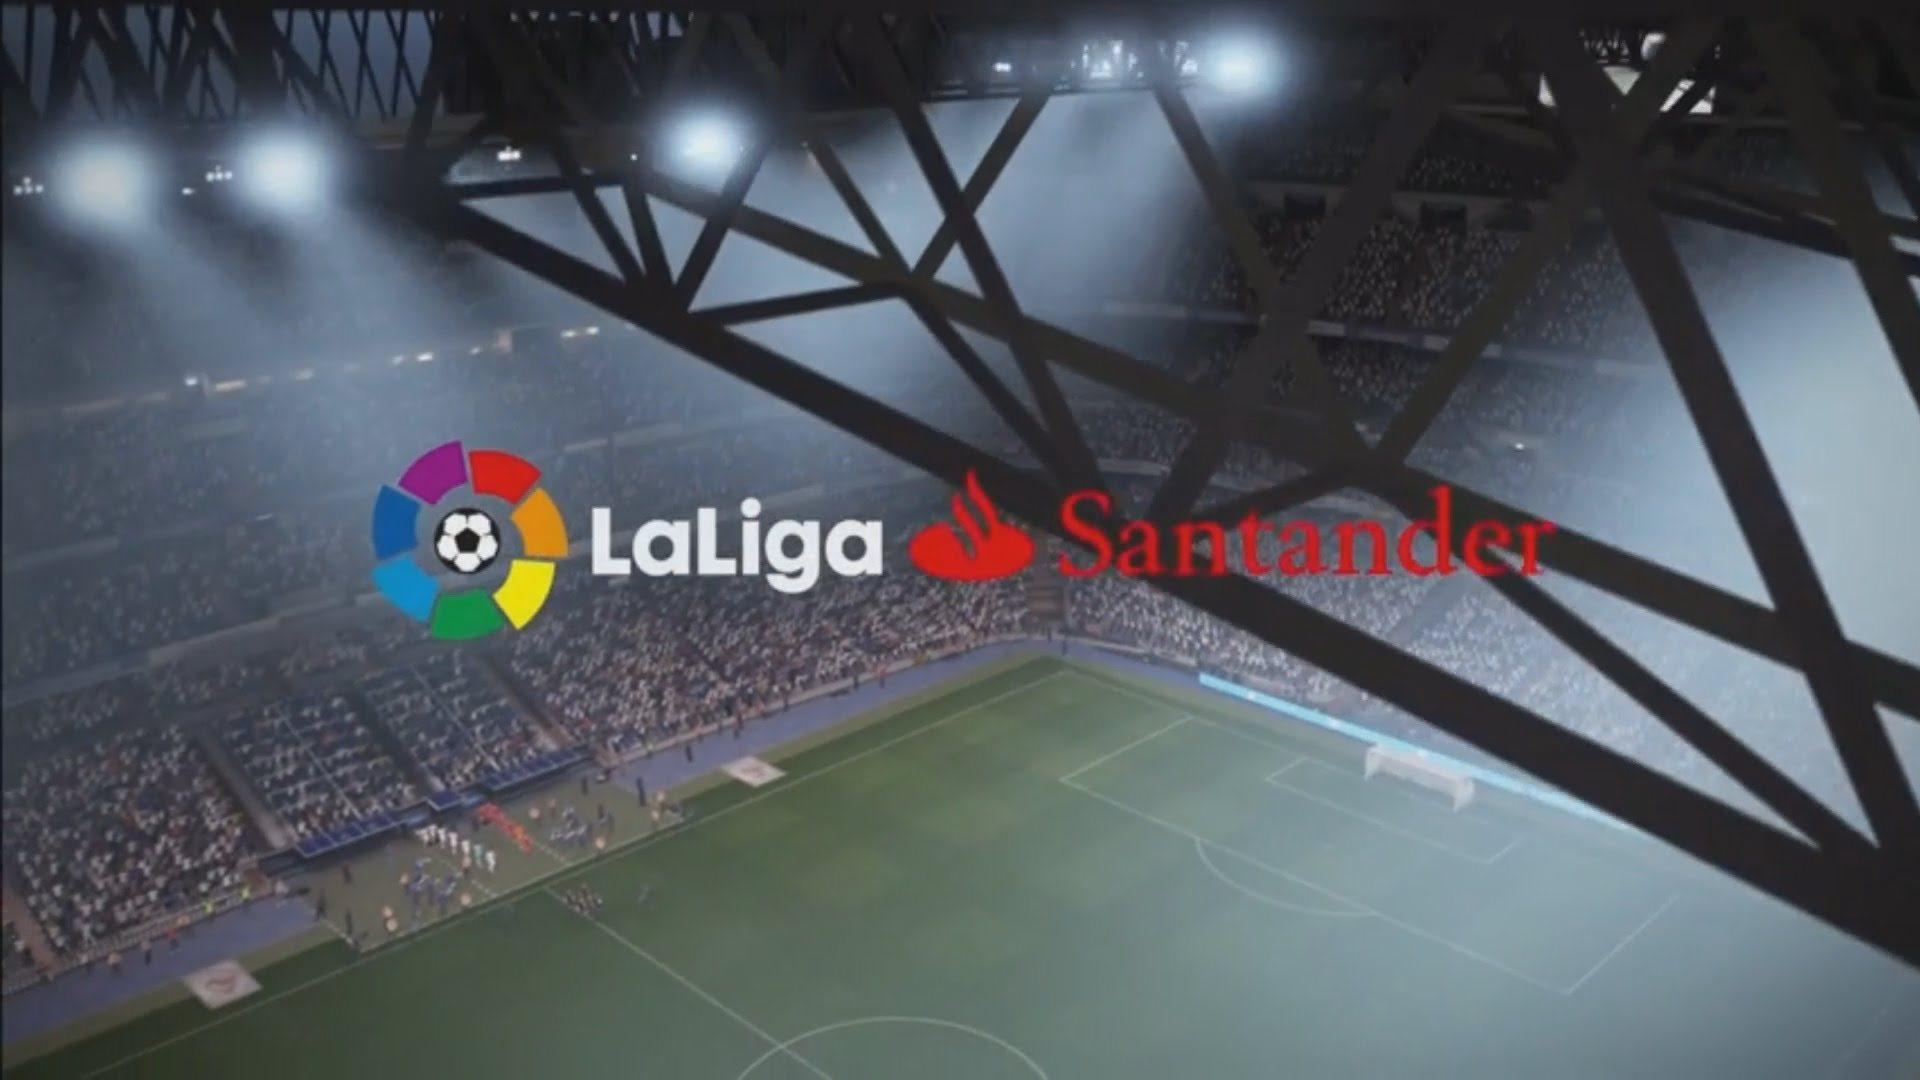 bilet La Liga Santander